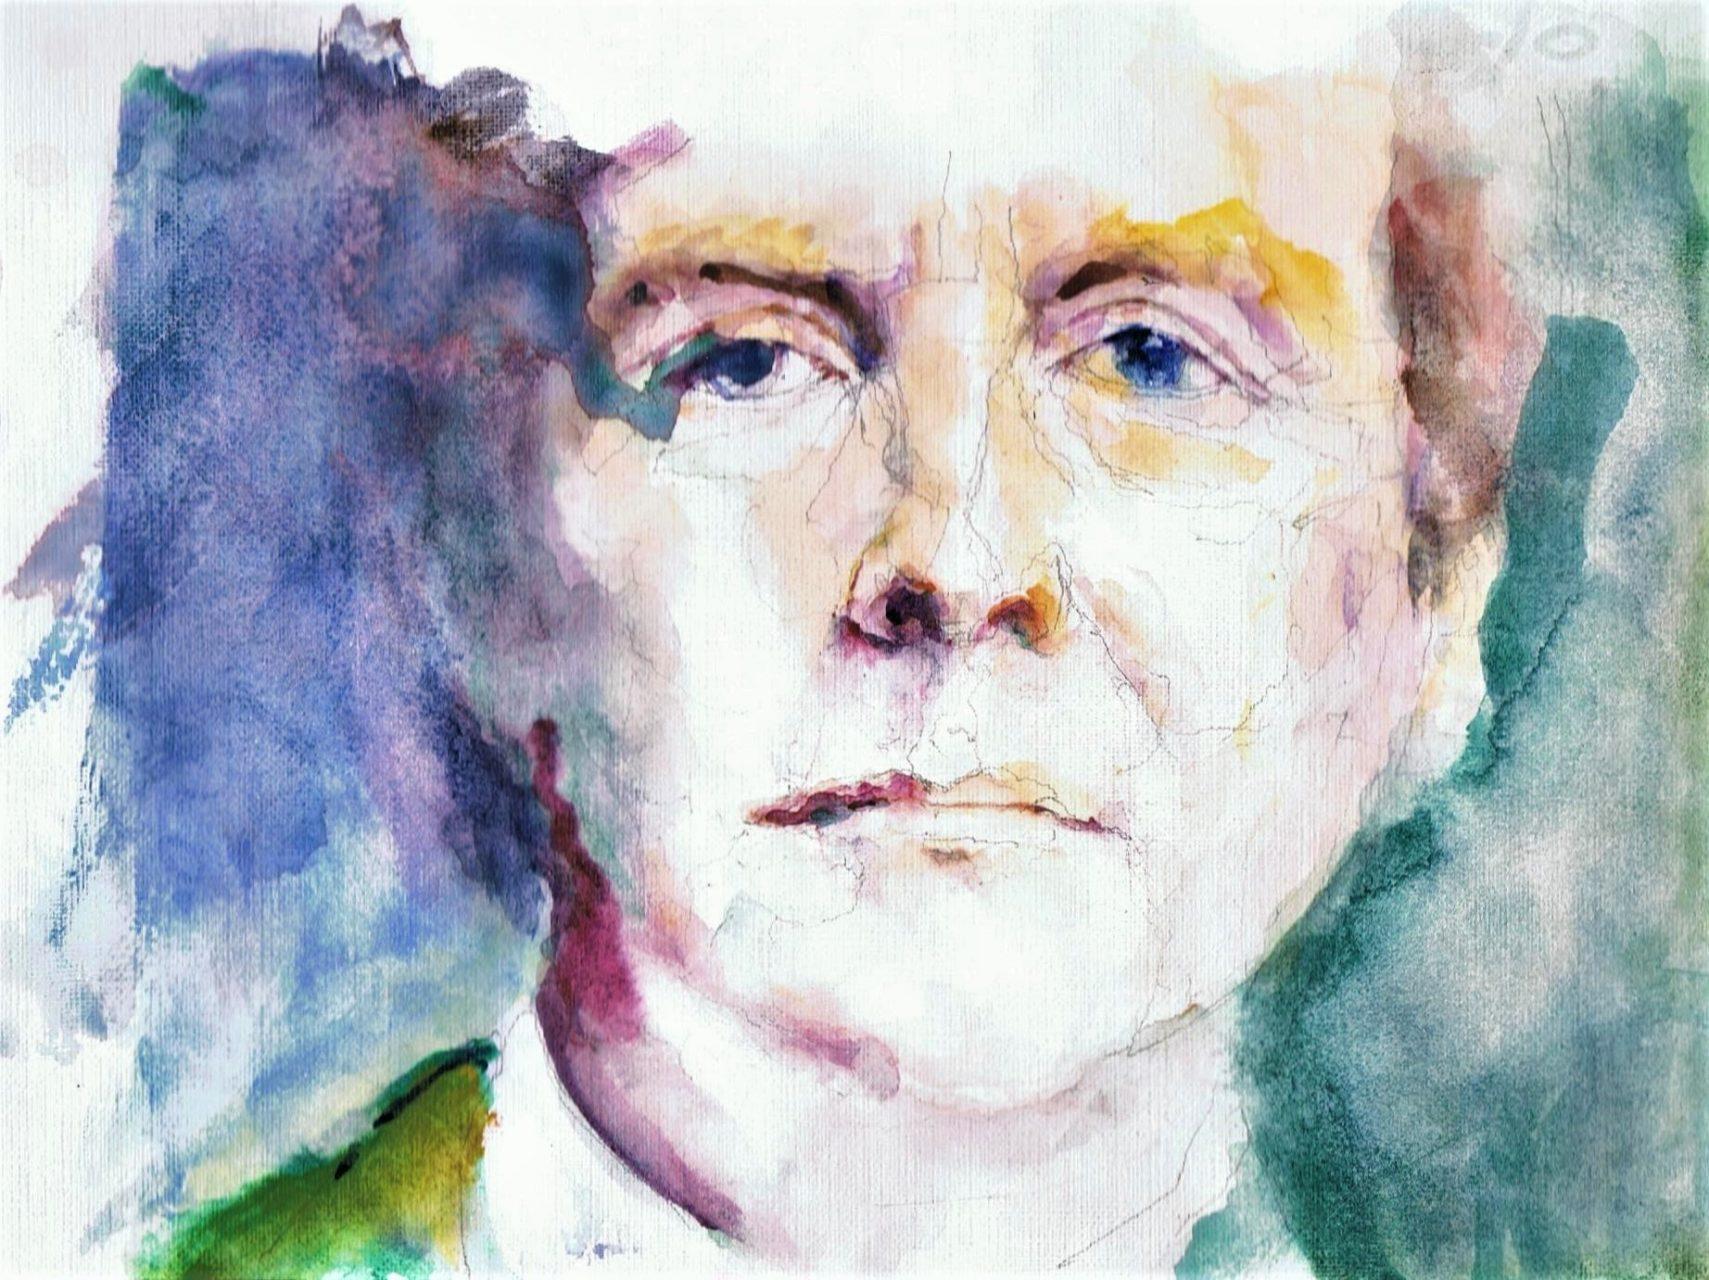 365 dagen een portret Willem-Alexander, koning der Nederlanden (2) Aquarel 19c25